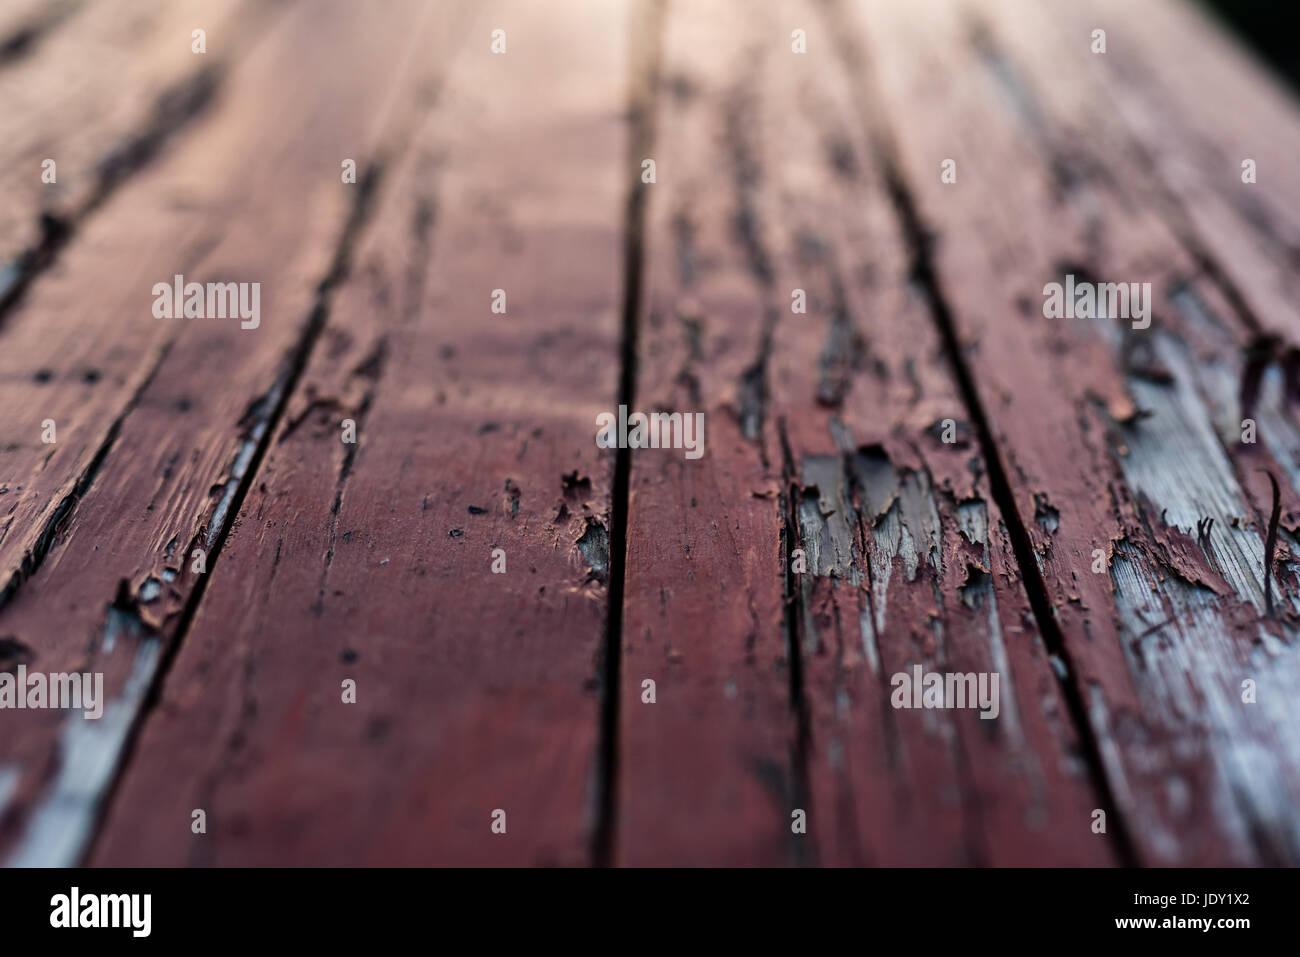 Colori Vernici Legno : Colore rosso pavimento in legno con vernice rossa inizia a